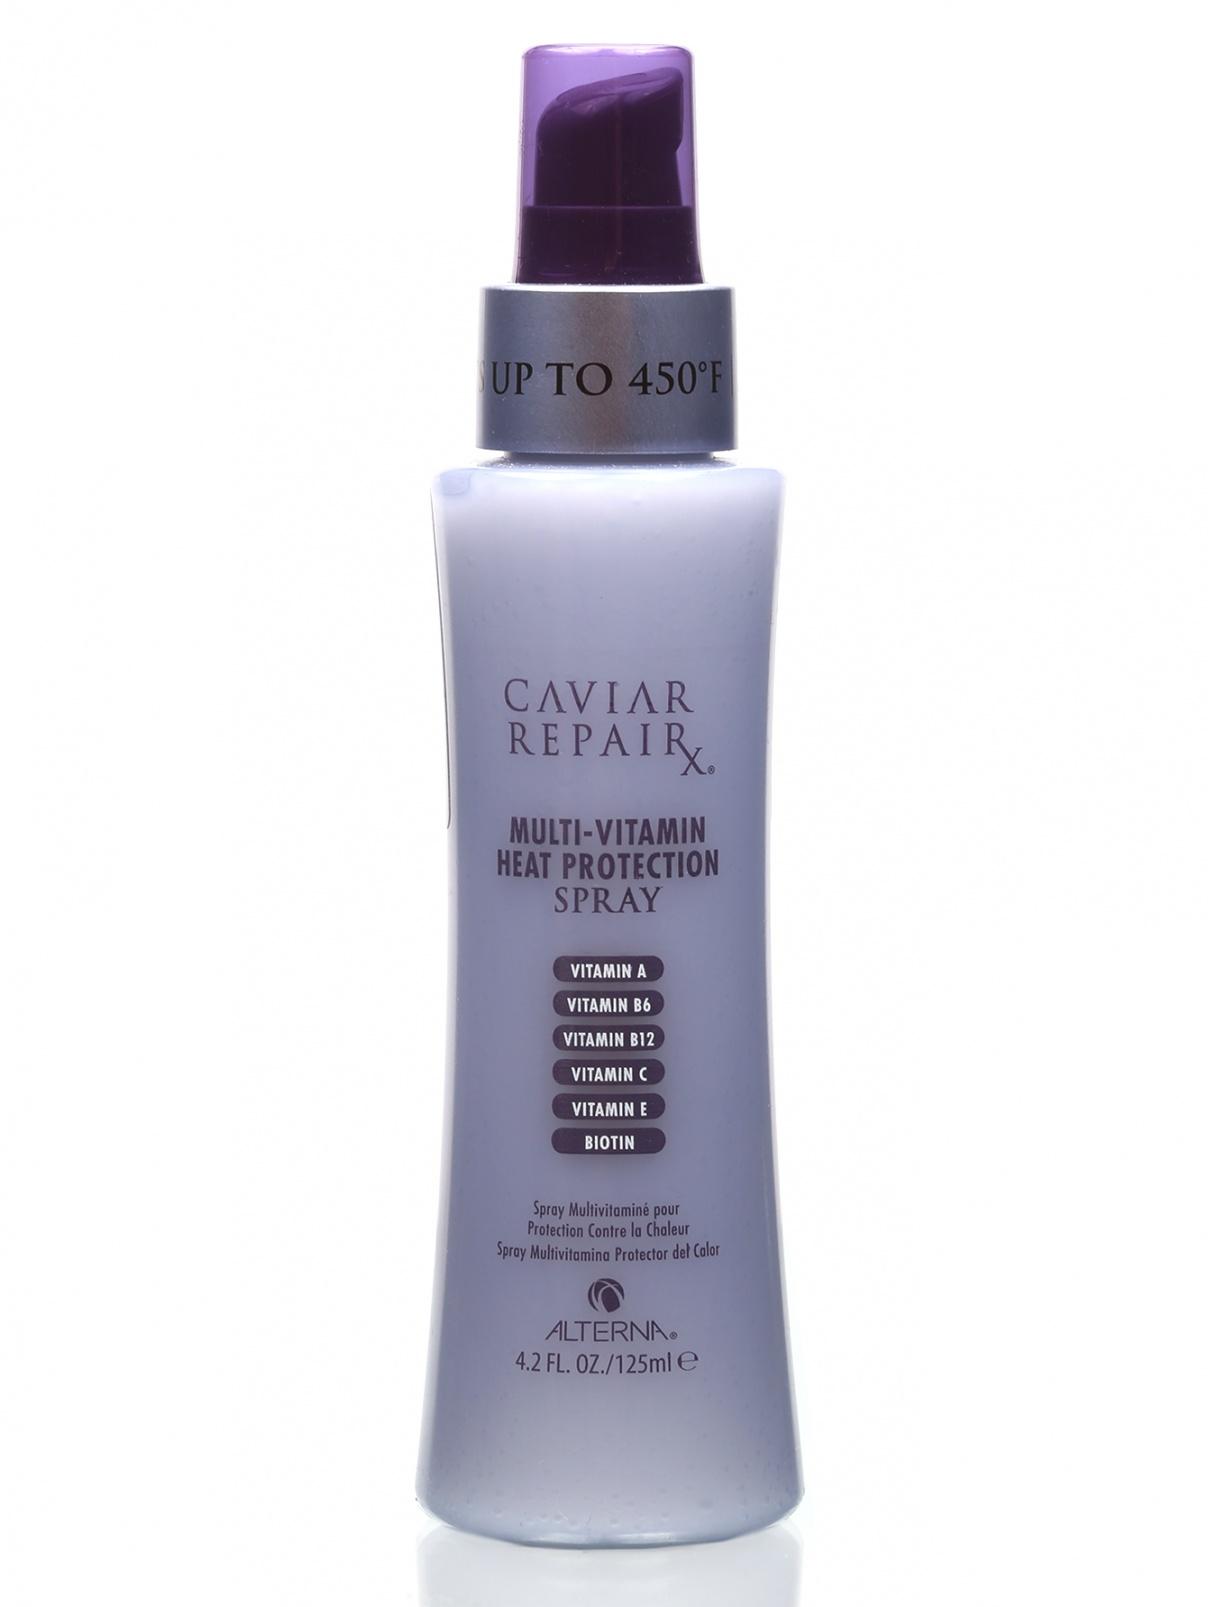 Мультивитаминный спрей с термозащитой - Caviar, 125ml ALTERNA  –  Общий вид